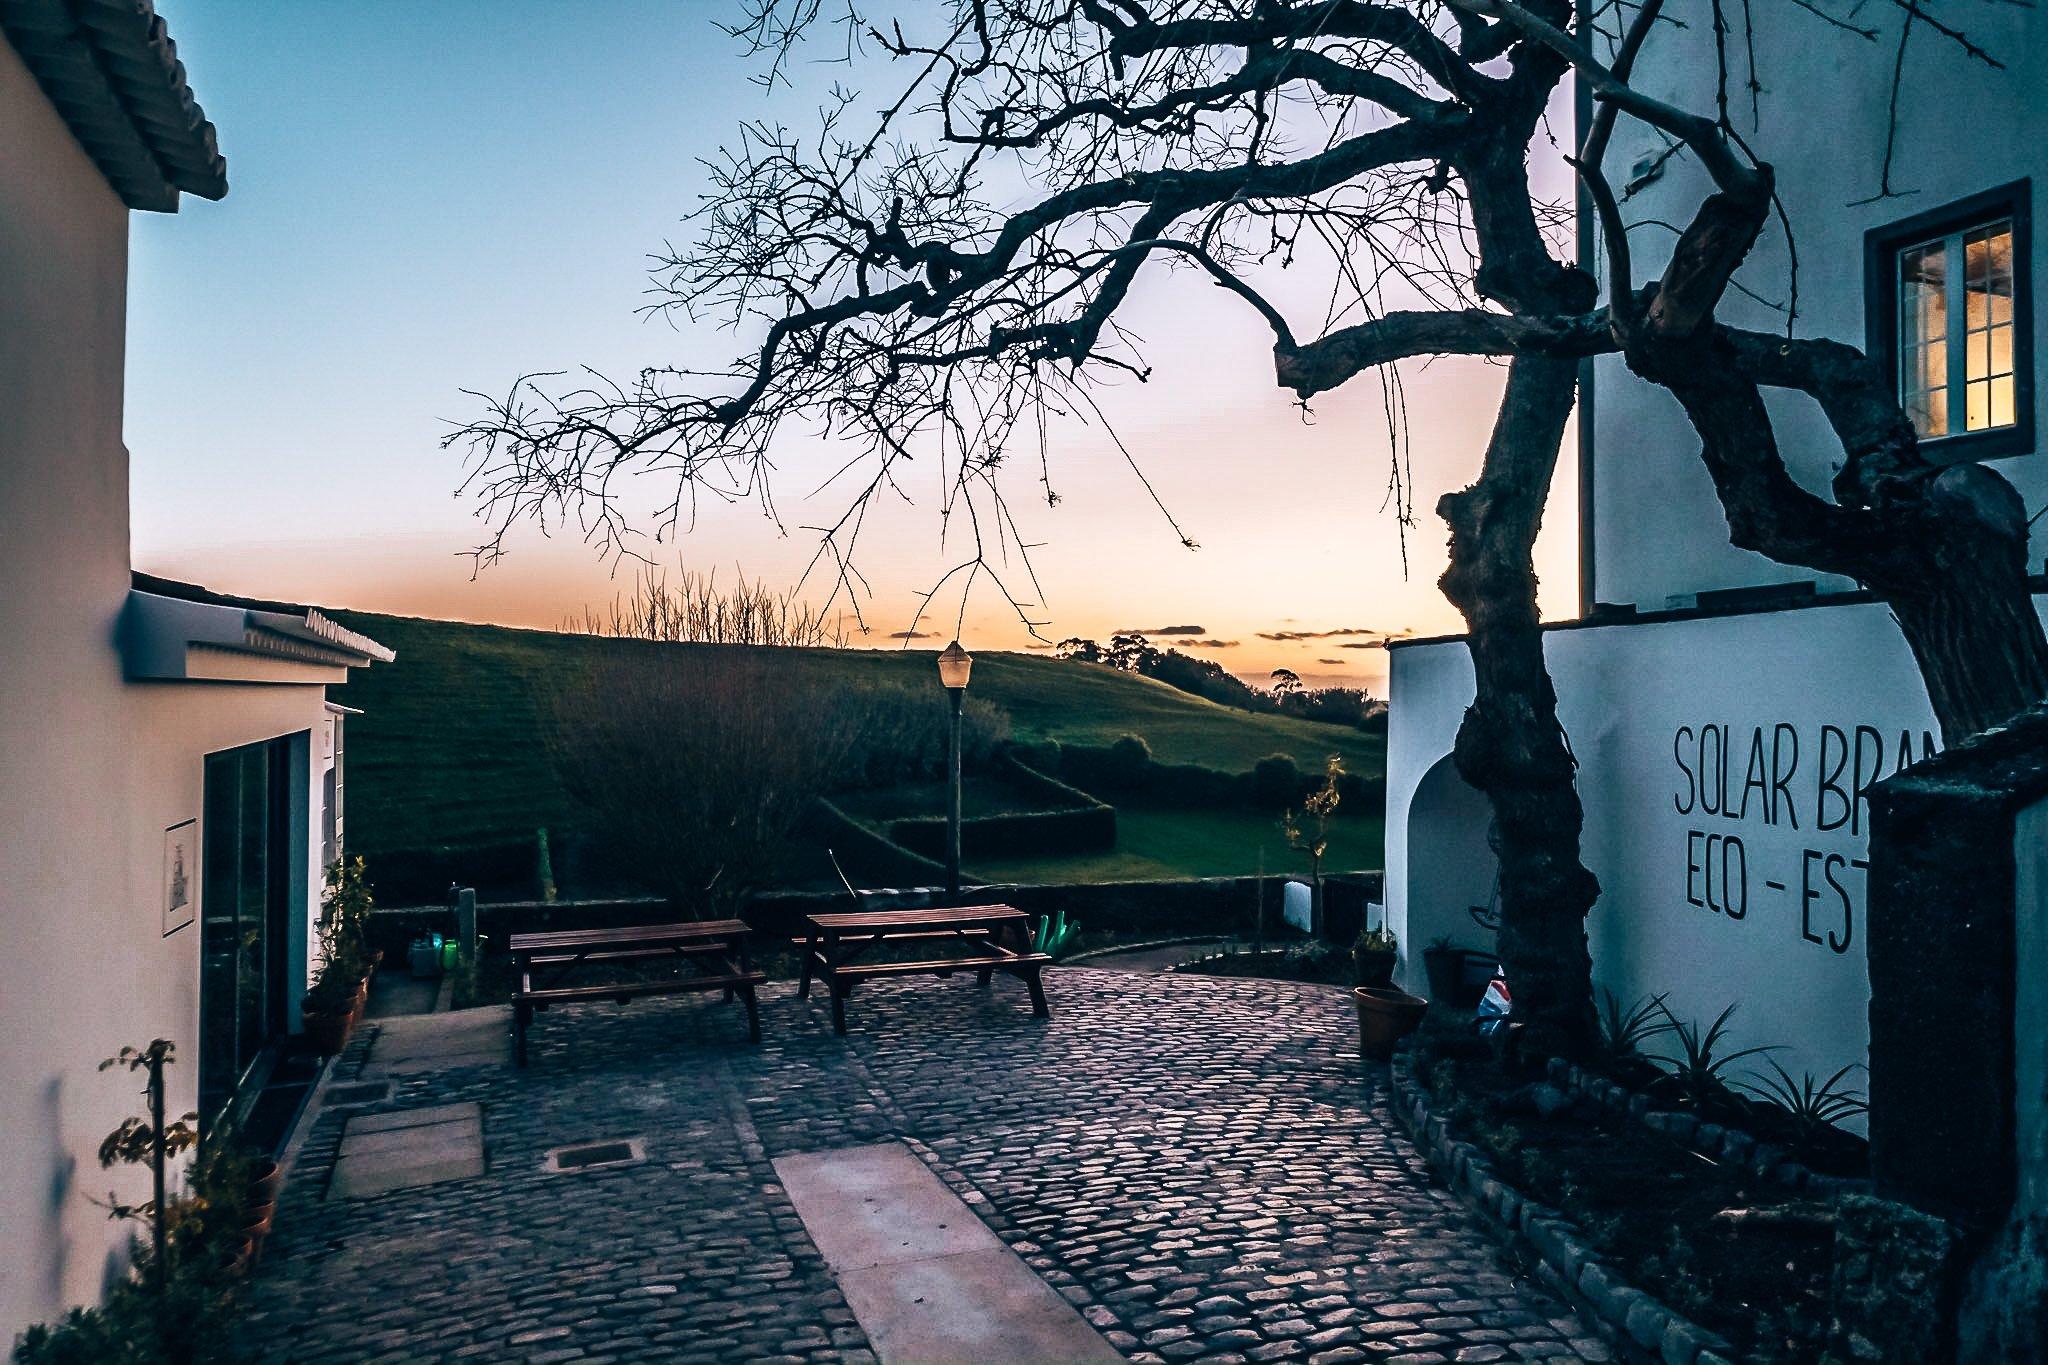 Het geweldige uitzicht bij Solar Branco Eco Estate, Azoren, Alles over gin.